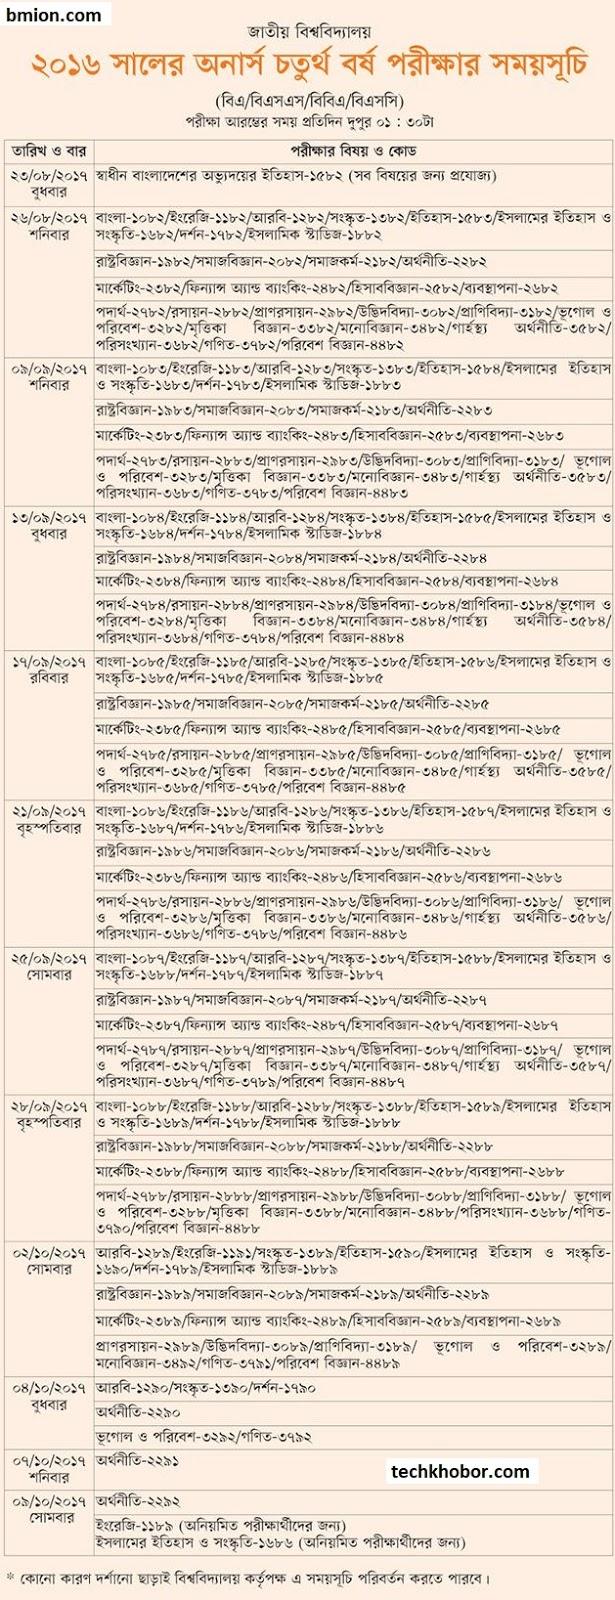 জাতীয়-বিশ্ববিদ্যালয়-অনার্স-৪র্থ-বর্ষ-পরীক্ষা-২০১৬-রুটিন-অনার্স-ফাইনাল-পরীক্ষার-রুটিন